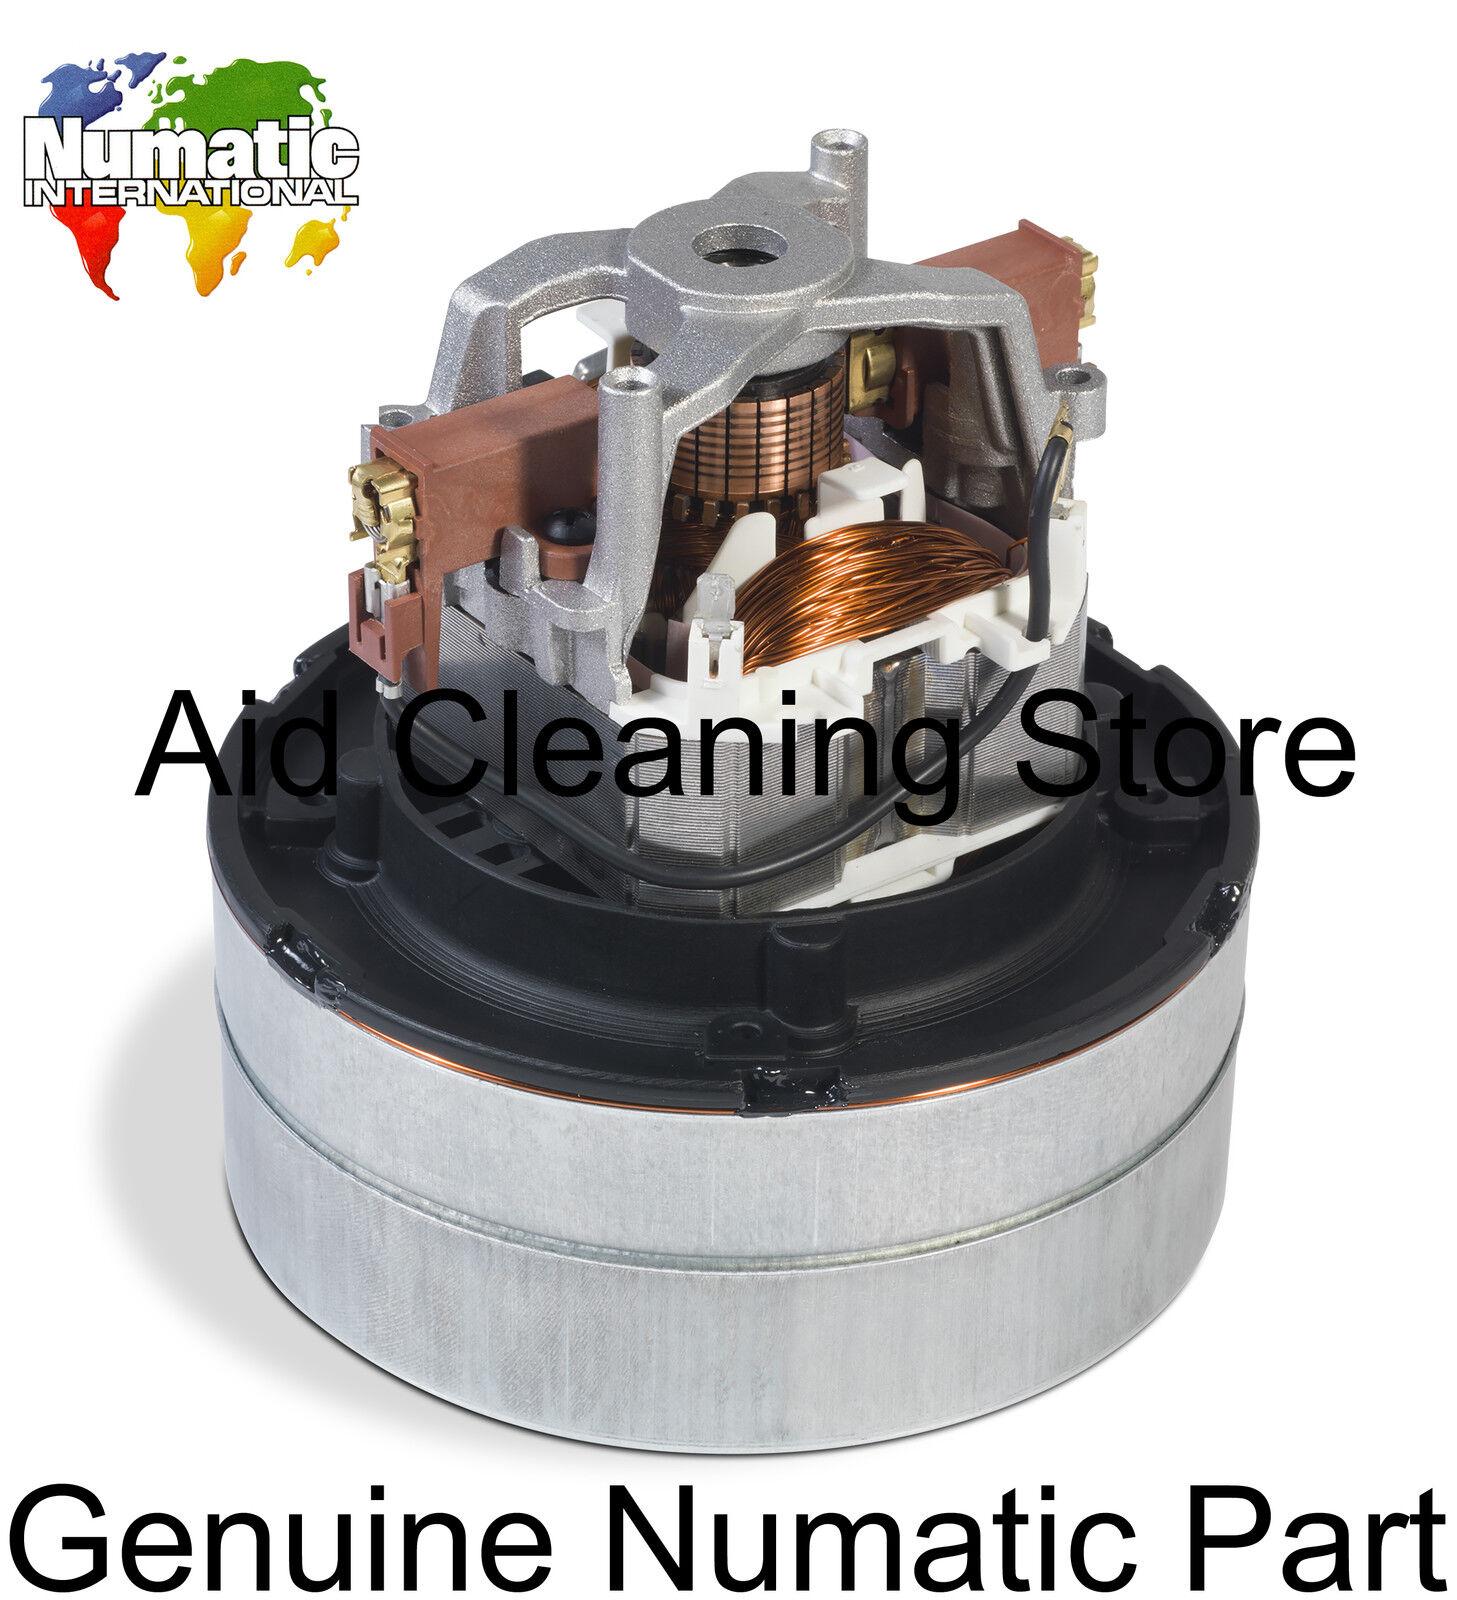 Numatic NQS250-B aspirateur hoover moteur 205403 1200 w